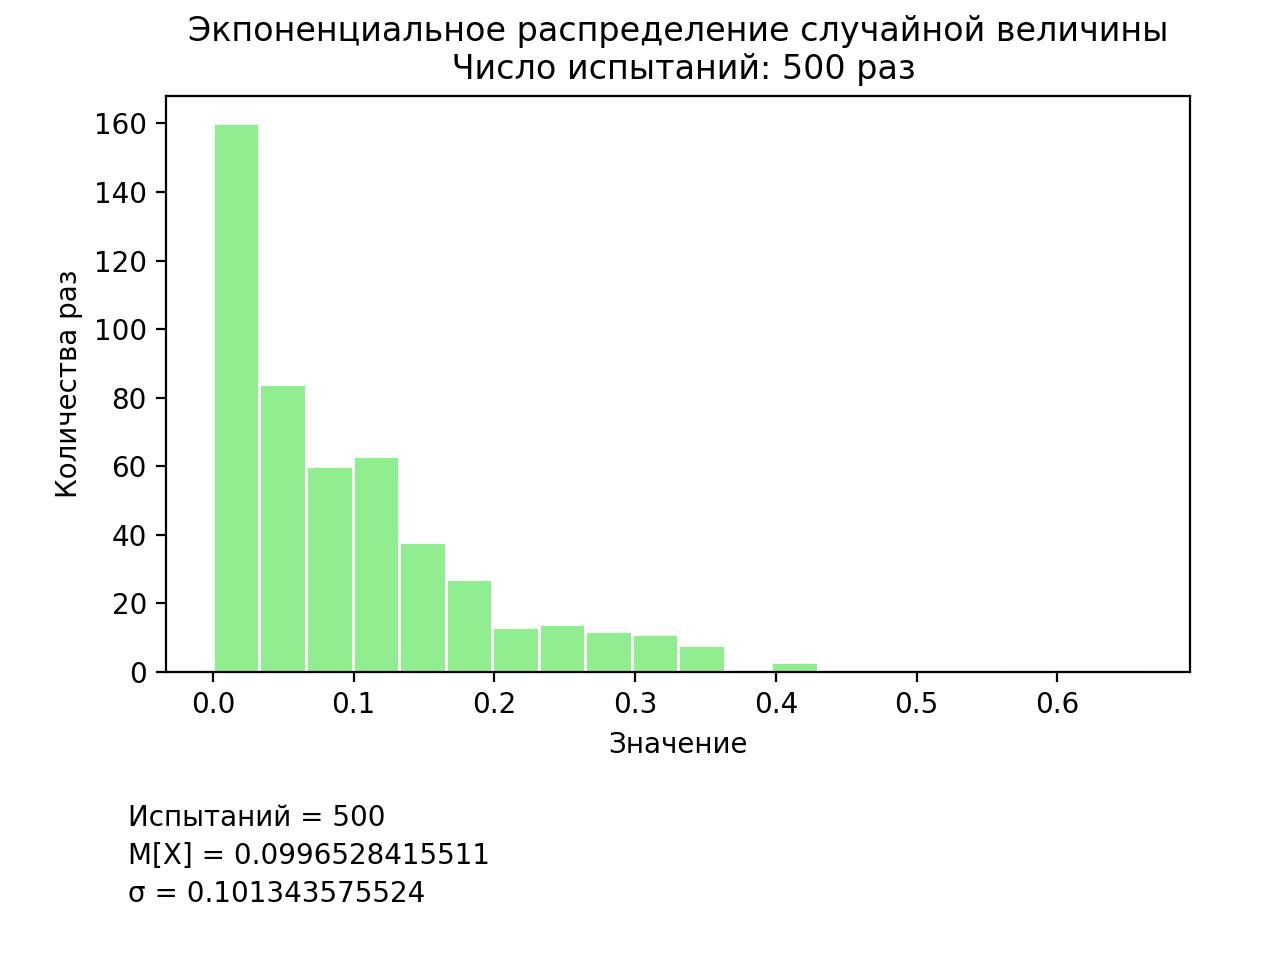 Методы имитационного моделирования вероятностных распределений на языке программирования Python - 4